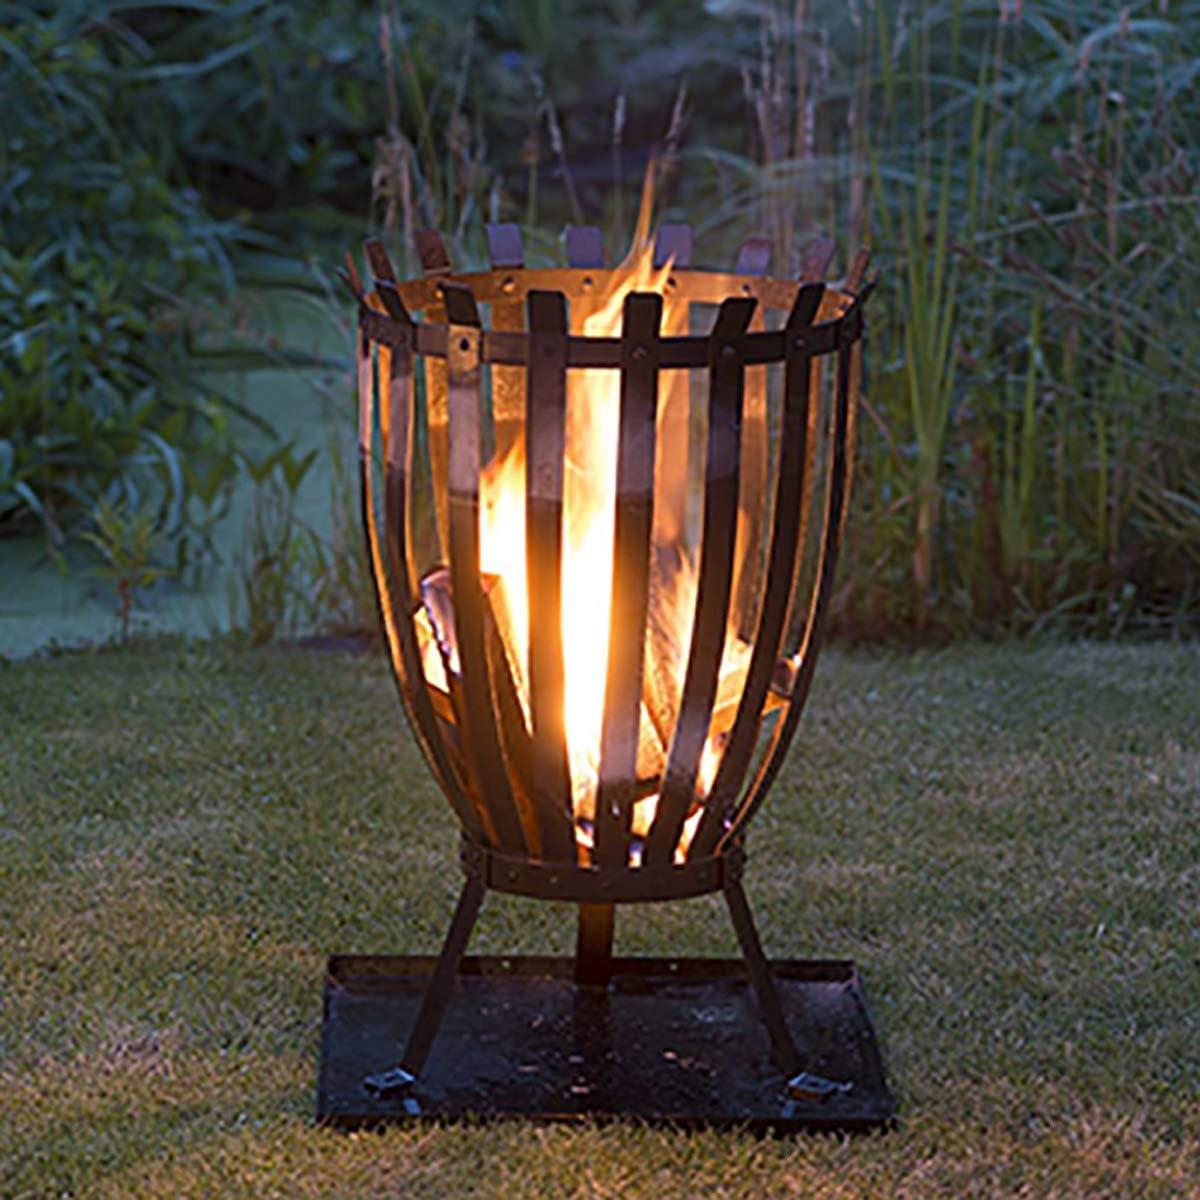 QHENS Cuencos de Fuego Vintage Tipo antorcha Negra de Acero Inoxidable para el jard/ín Estufa de le/ña con Aspecto de /óxido para calefacci/ón Interior y Exterior